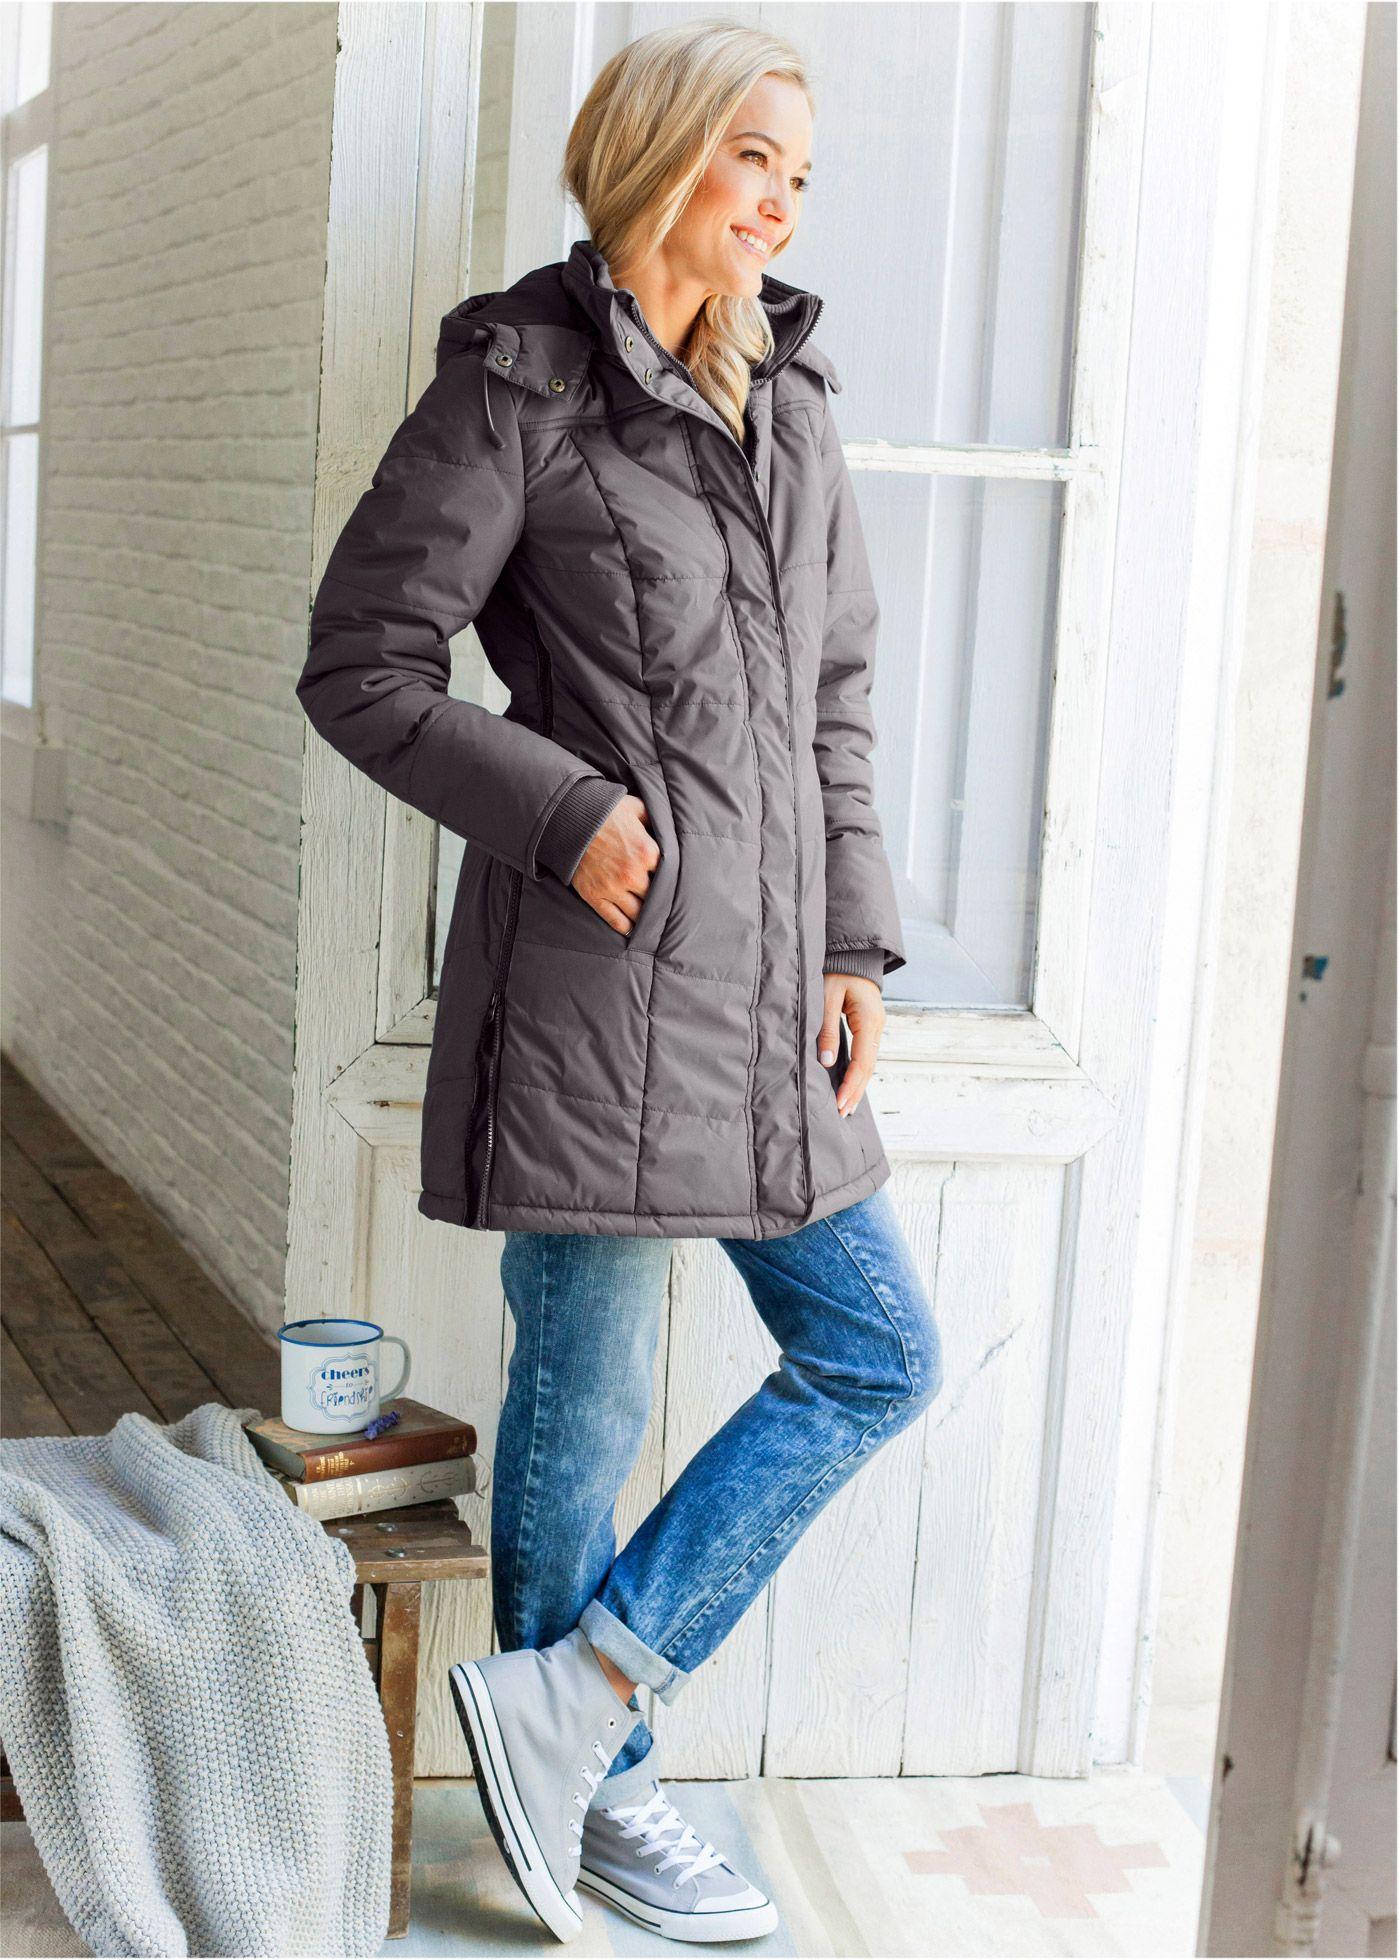 Steppelt kabát olajzöld Hossza minden • 13999.0 Ft • bonprix  4a22a5da87